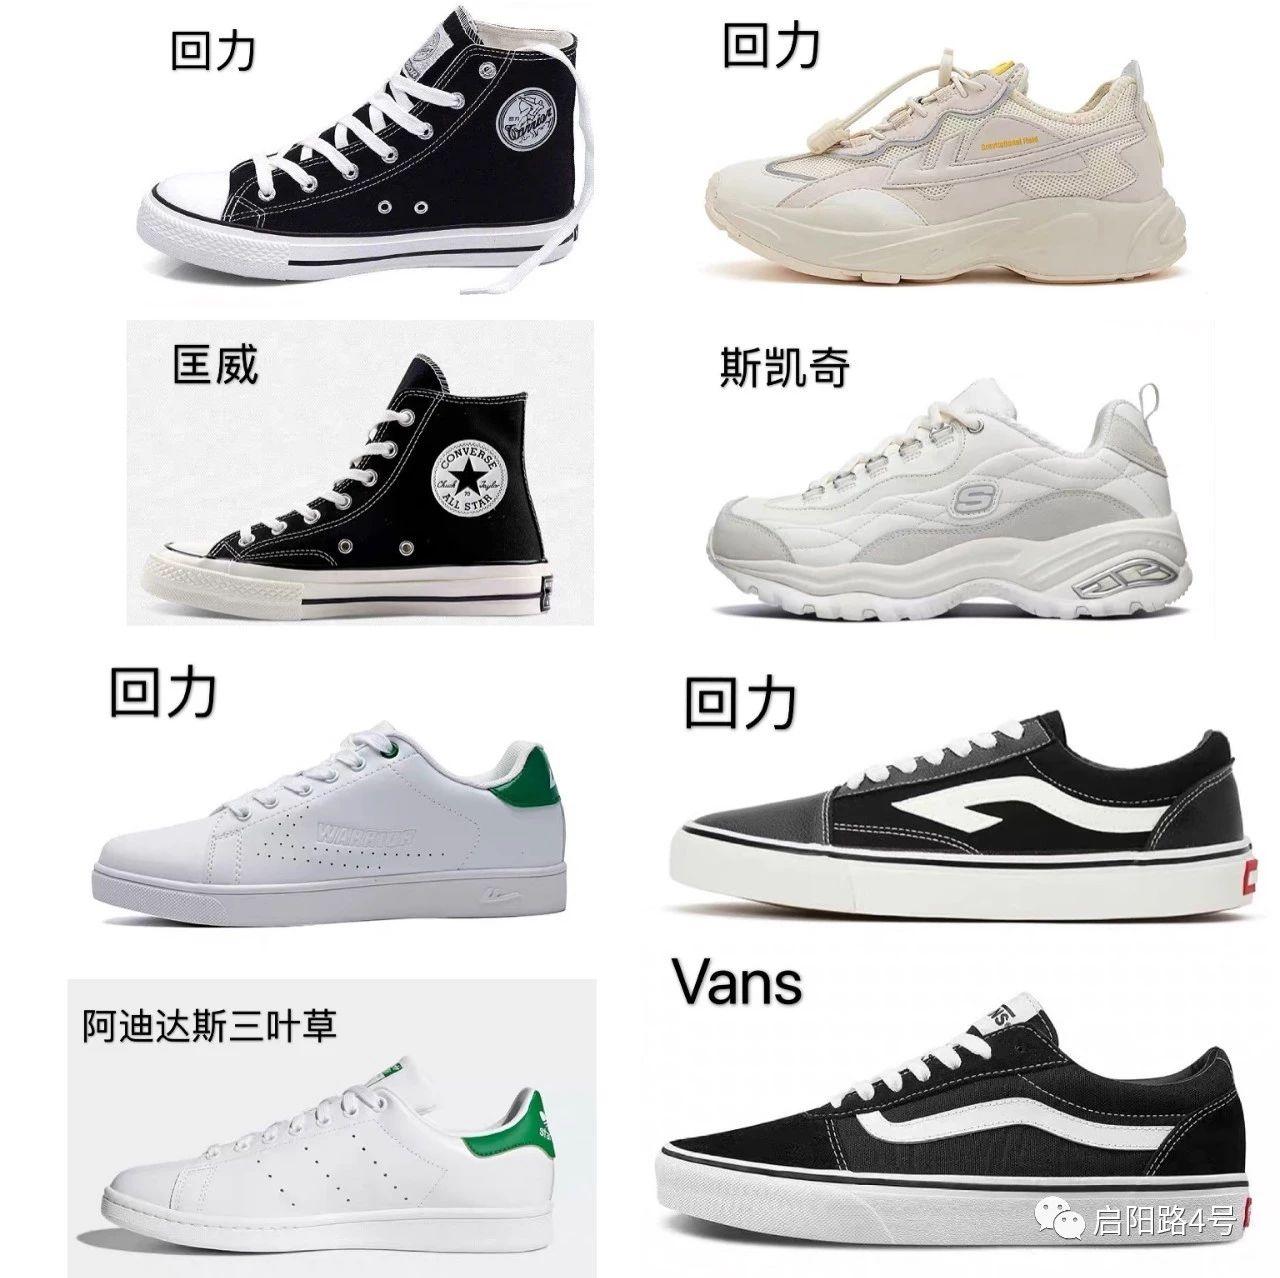 """回力回应""""童鞋样品含可致'儿童性早熟'成分"""":问题出在外购材料"""